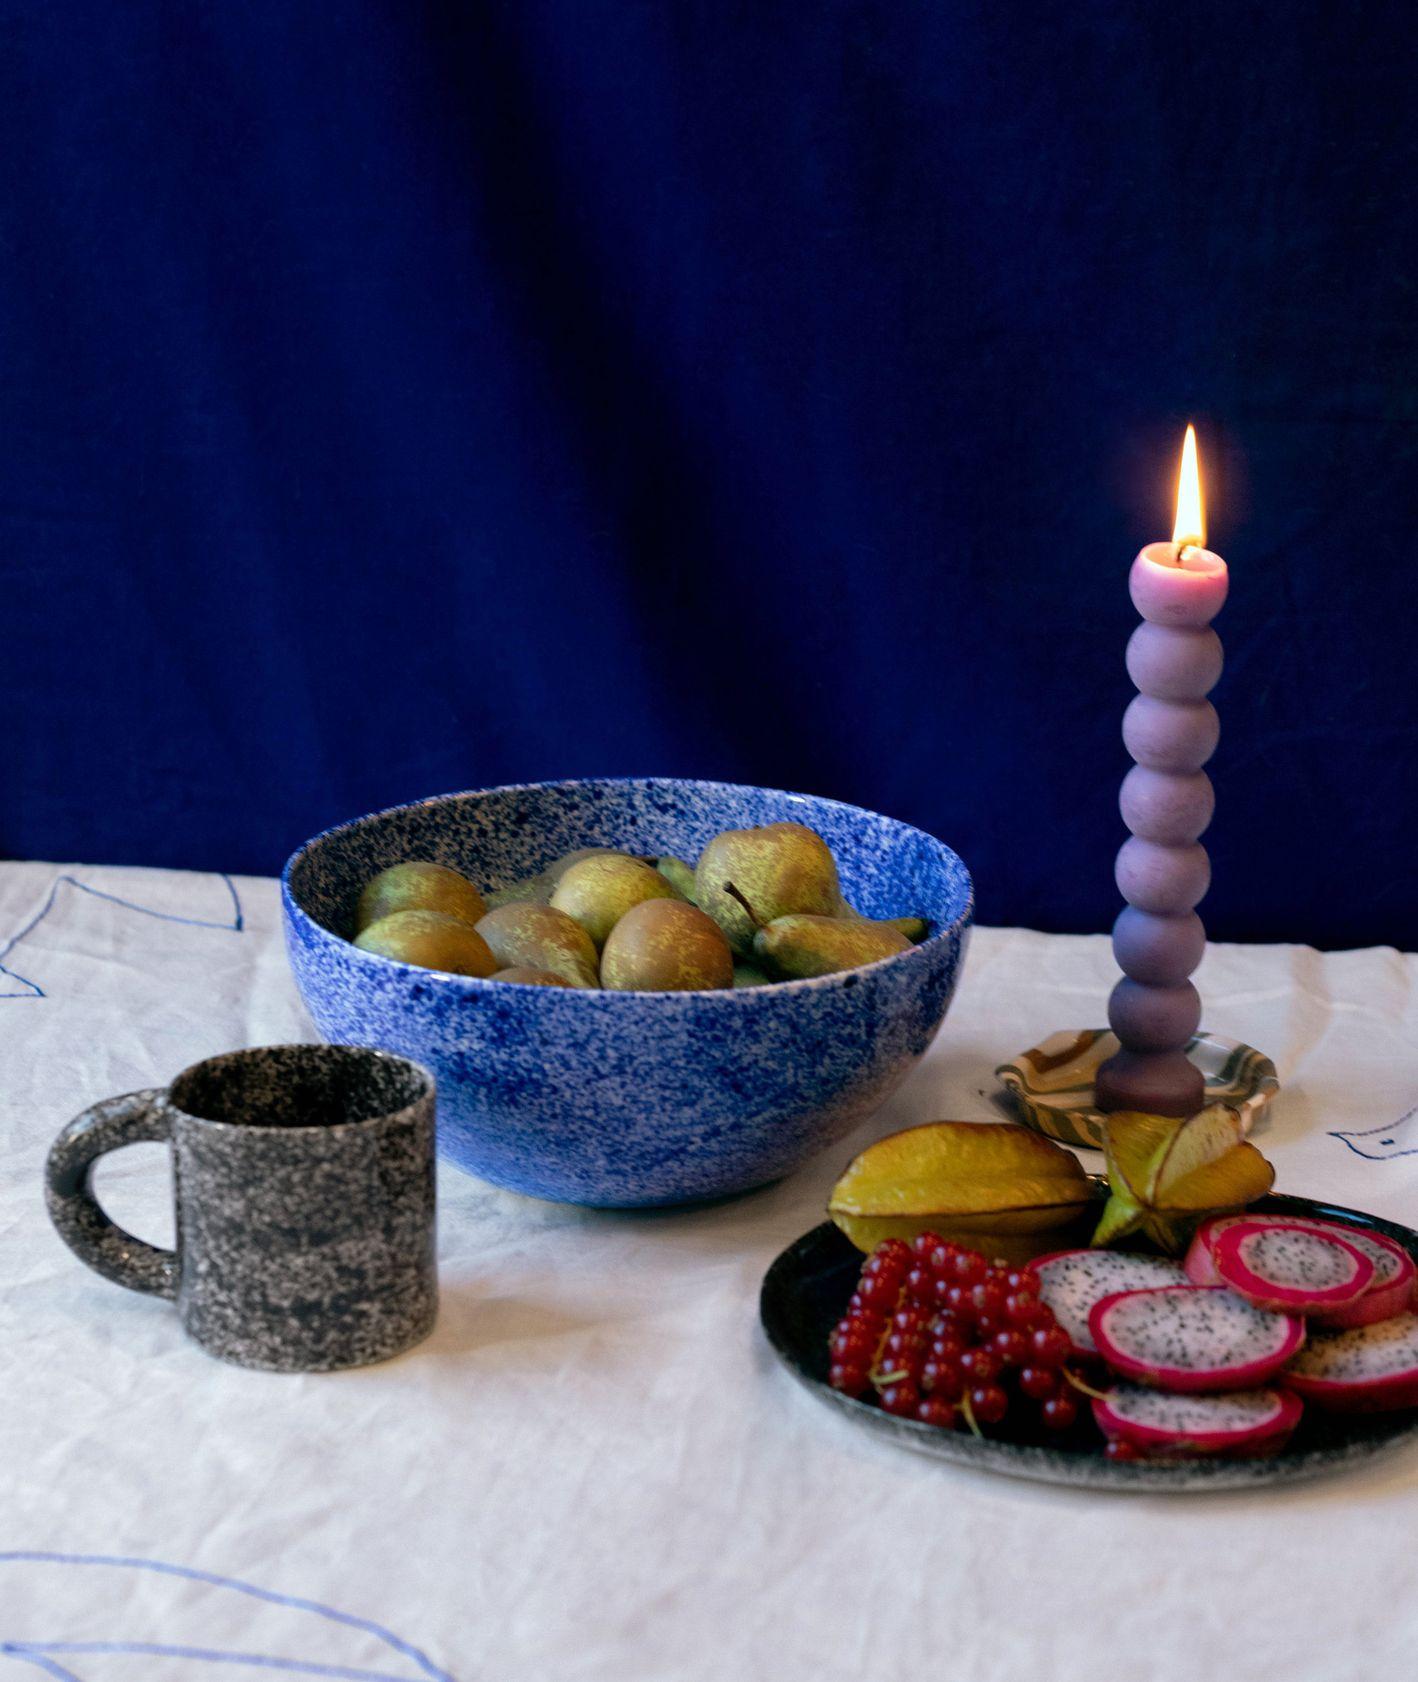 Polska ceramika, misa, świecznik, kubek marki Fenek (fot. materiały prasowe)